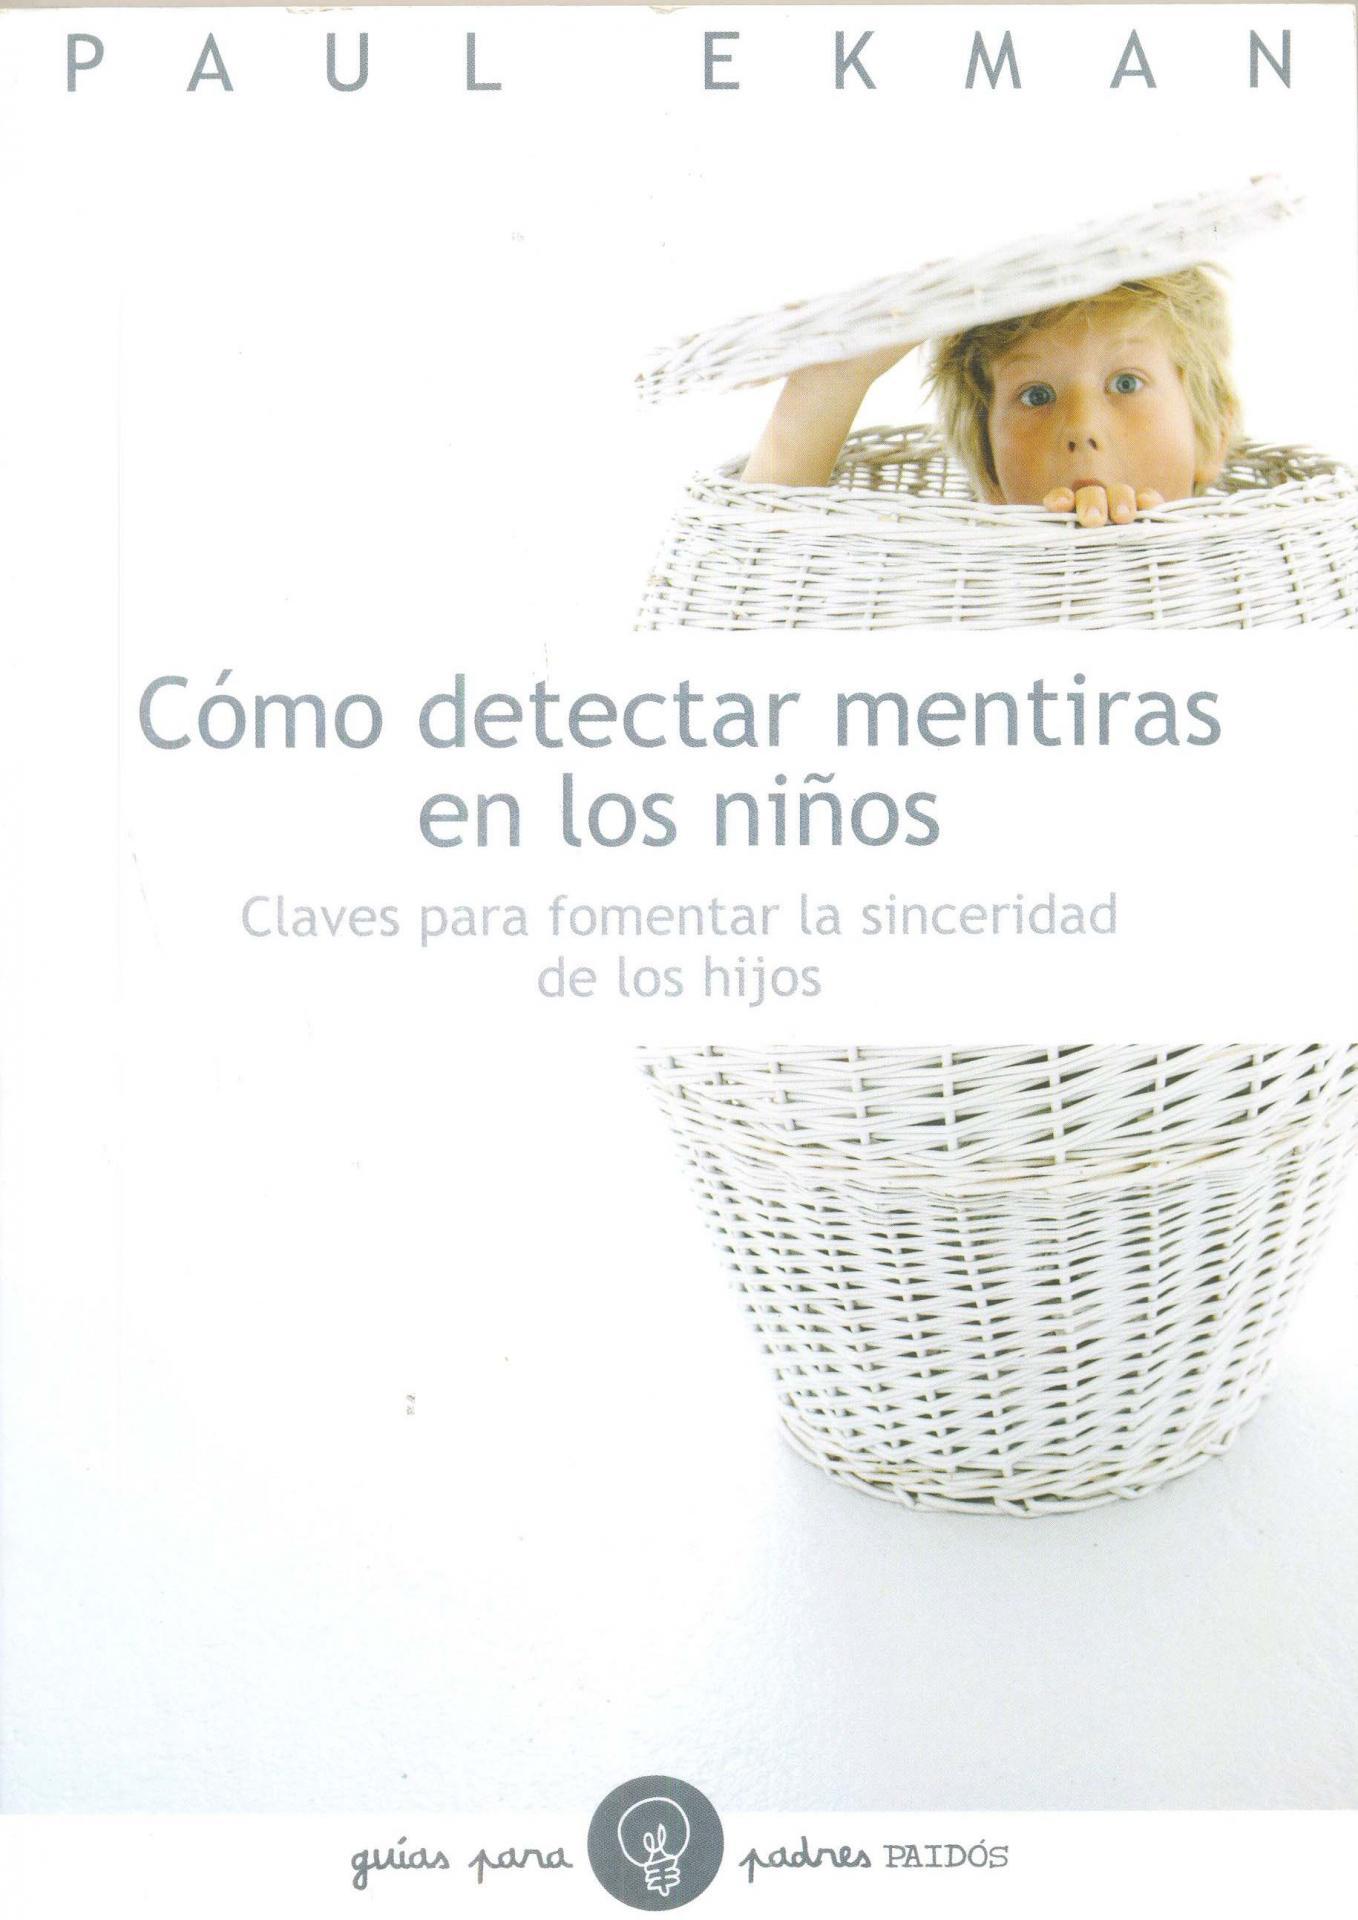 CÓMO DETECTAR MENTIRAS EN LOS NIÑOS. Claves para  fomentar la sinceridad de los hijos. Ekman, P.